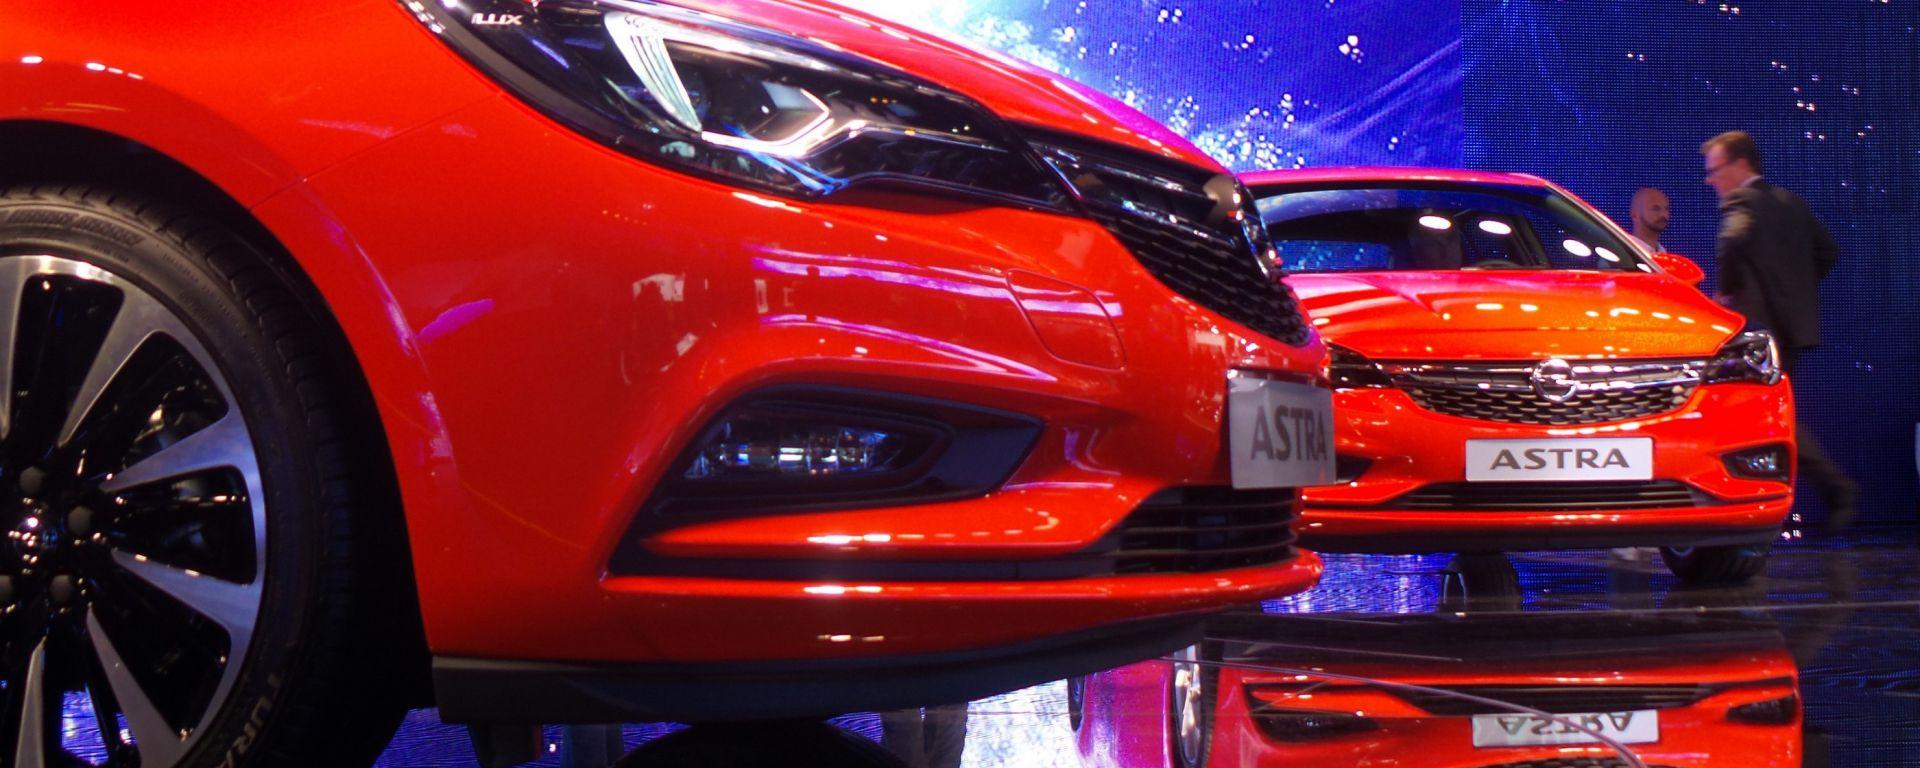 Opel Astra 2016, le foto dal Salone di Francoforte 2015